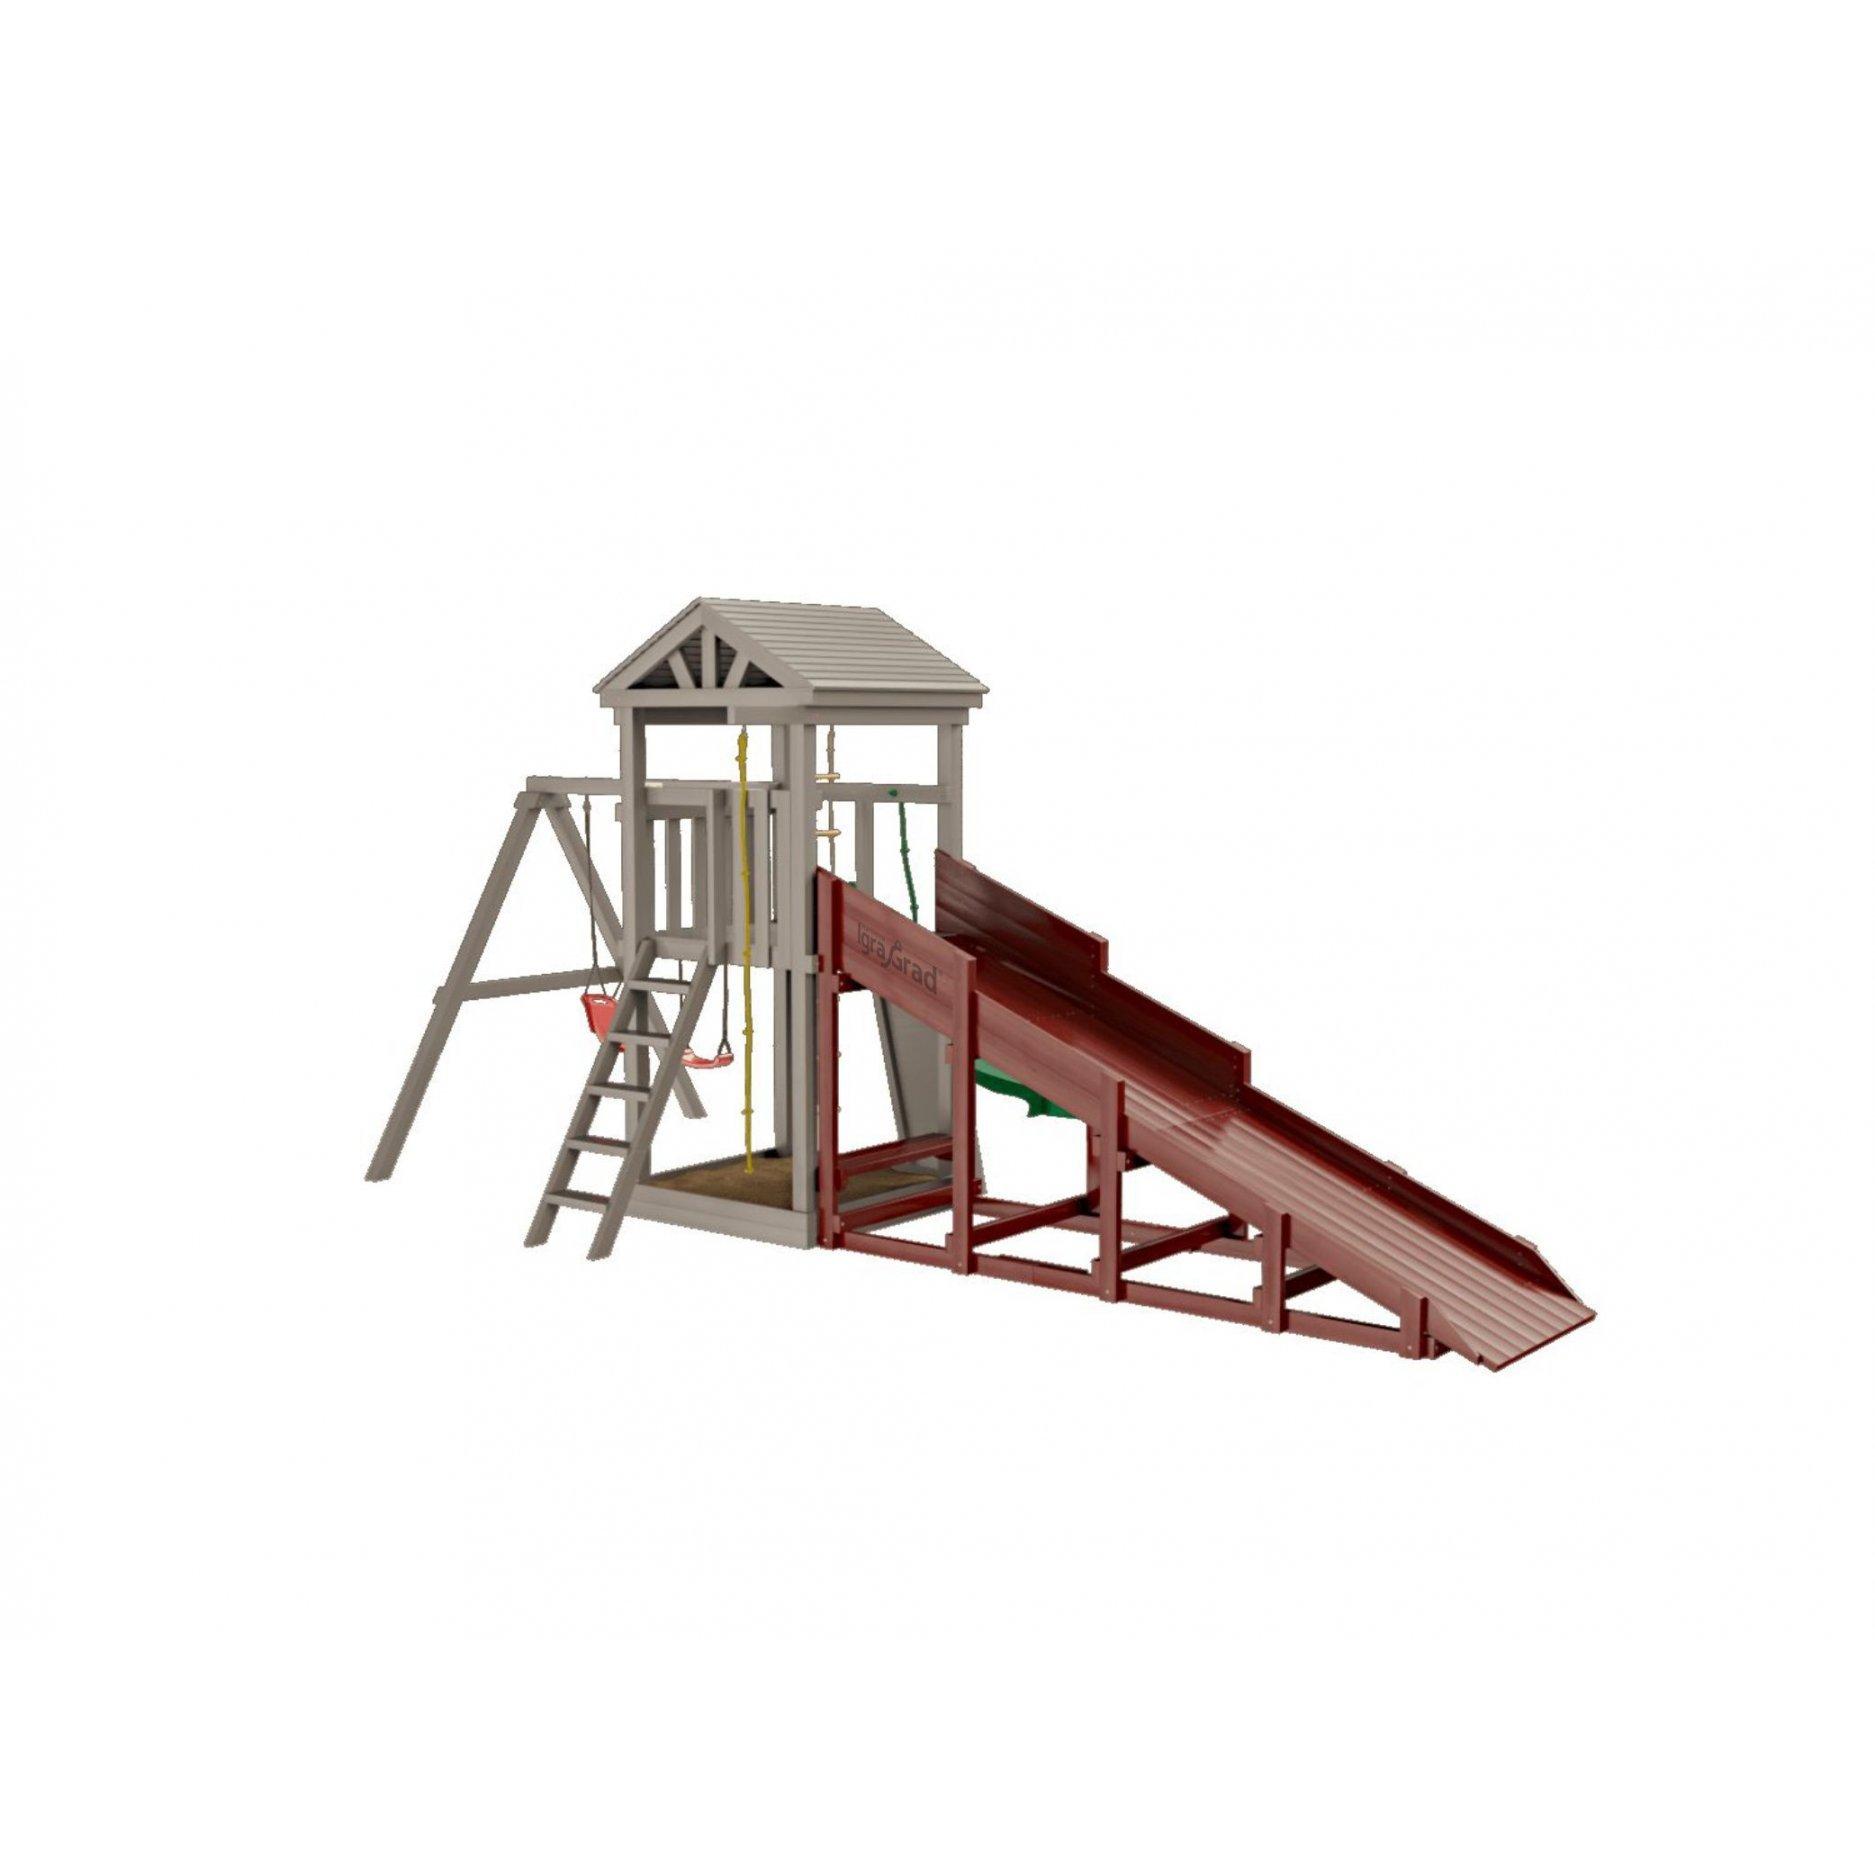 Модуль Snow Fox, скат 4 м для деревянных комплексов серии Classic